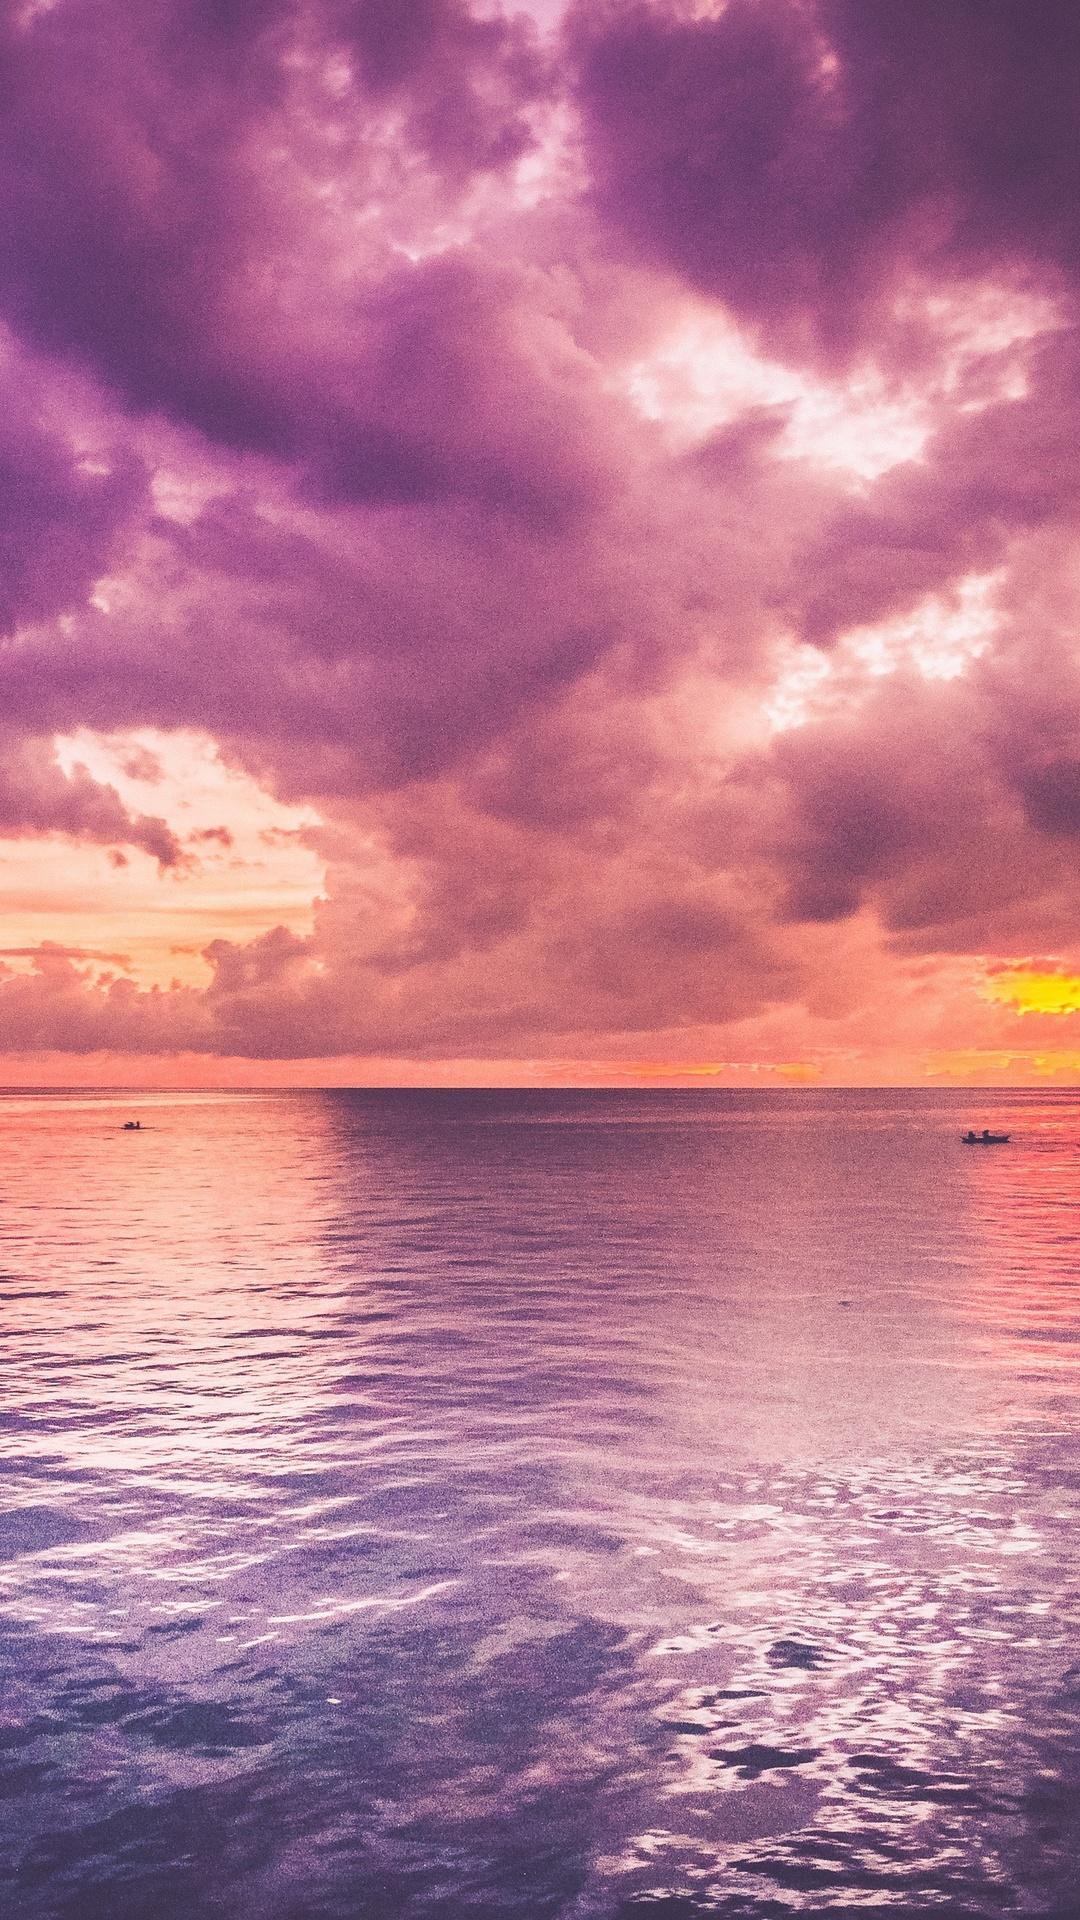 landscapepurpleskyeveningseawavephotodreaminghdwallpaper